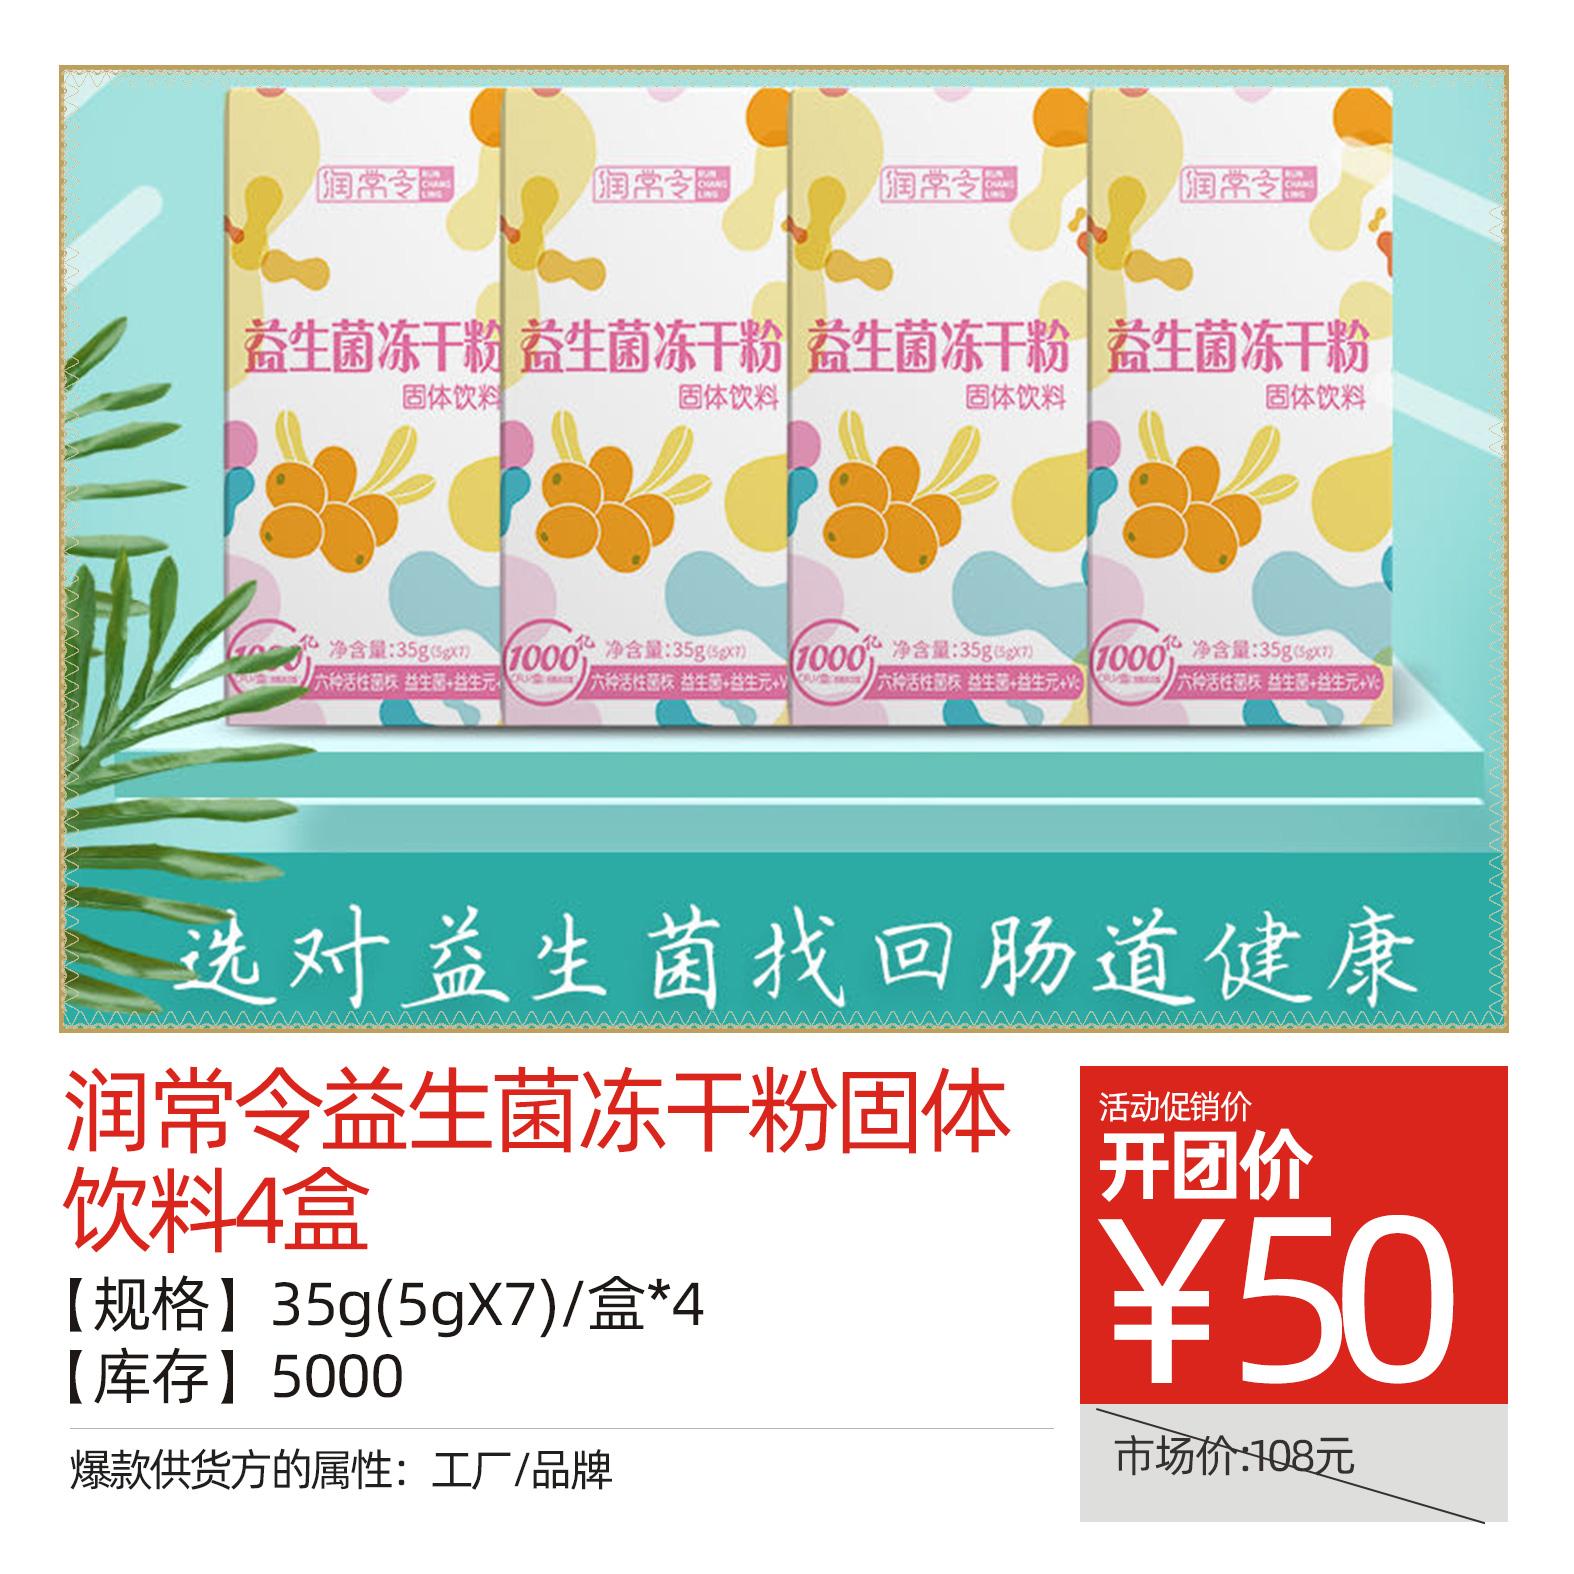 润常令益生菌冻干粉固体饮料4盒